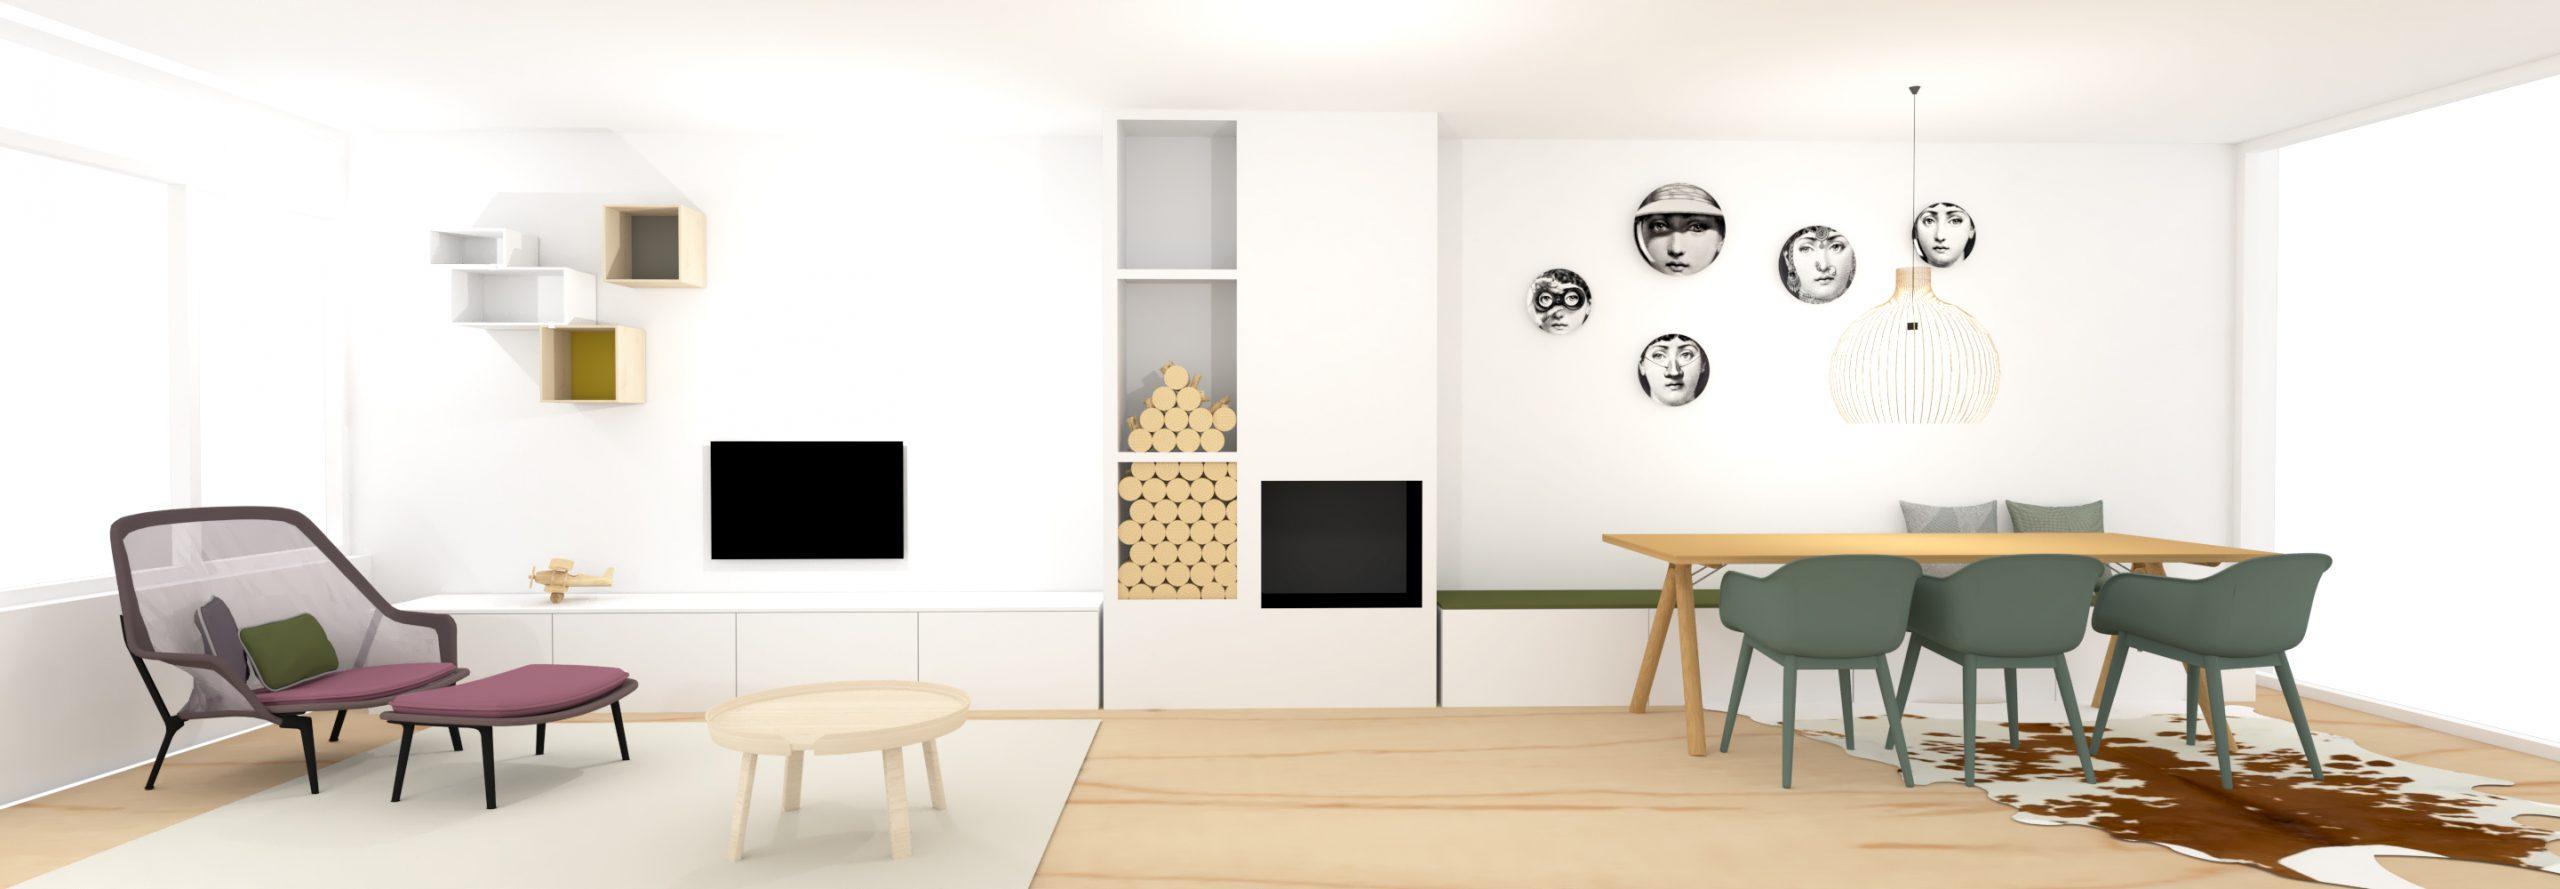 Interieurontwerp woonkamer met haard en lange zitbank en gekleurde meubels